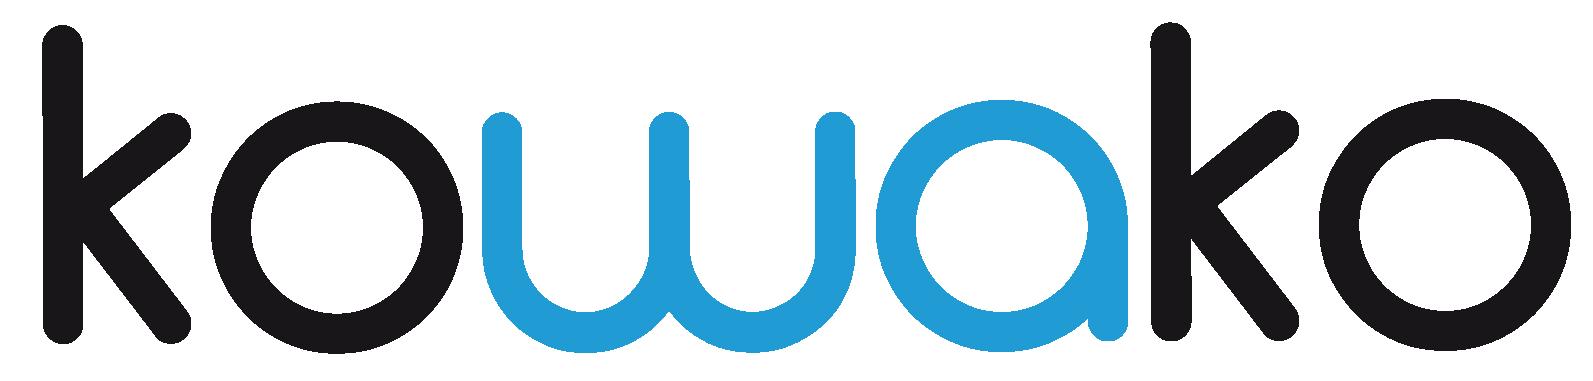 Kowako